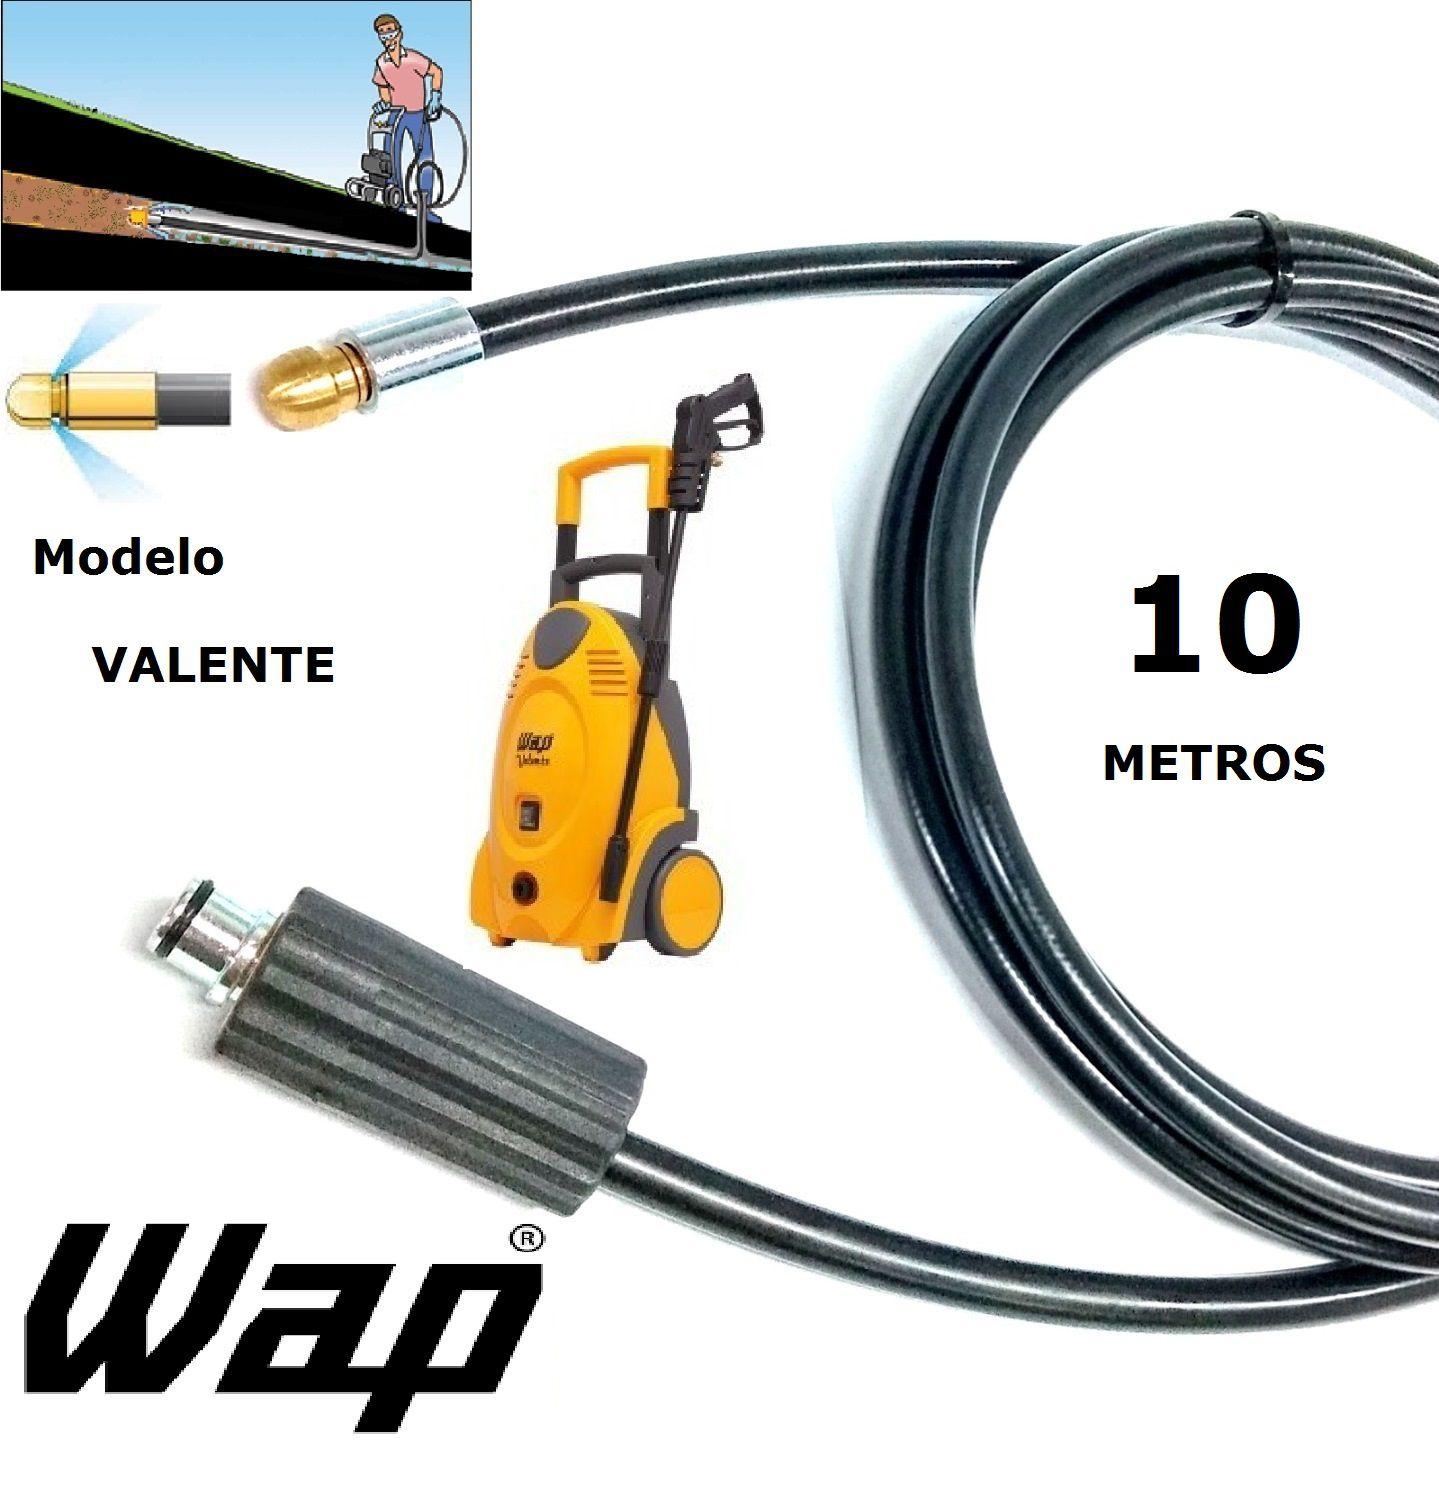 Mangueira desentupidora de tubulação WAP - 10 Metros - Wap VALENTE